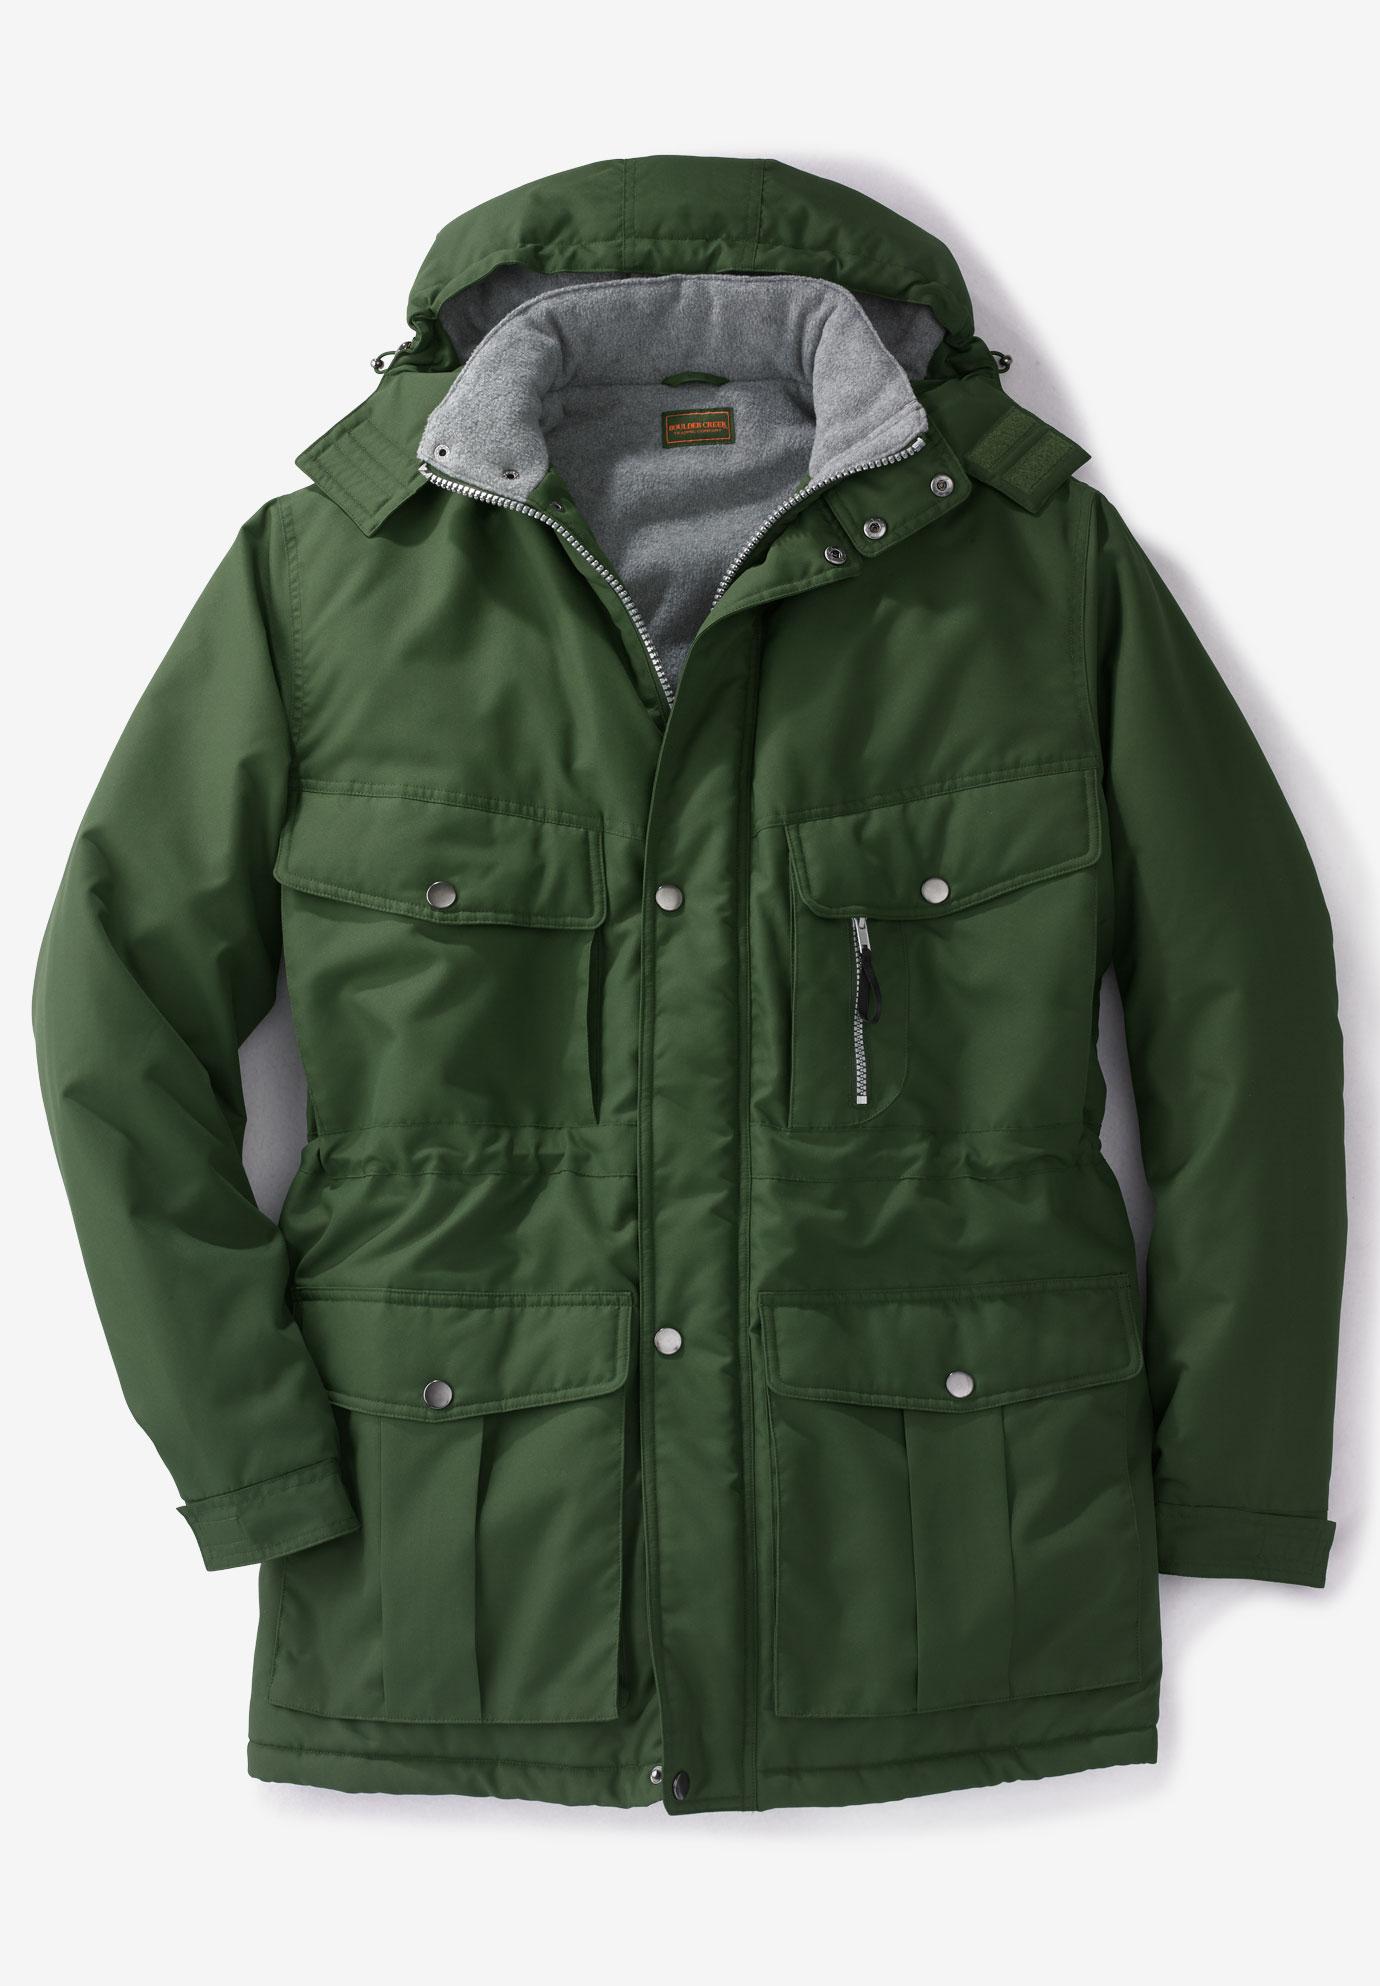 ae934e9e09118 Boulder Creek® Expedition Parka Coat| Big and Tall New Arrivals ...